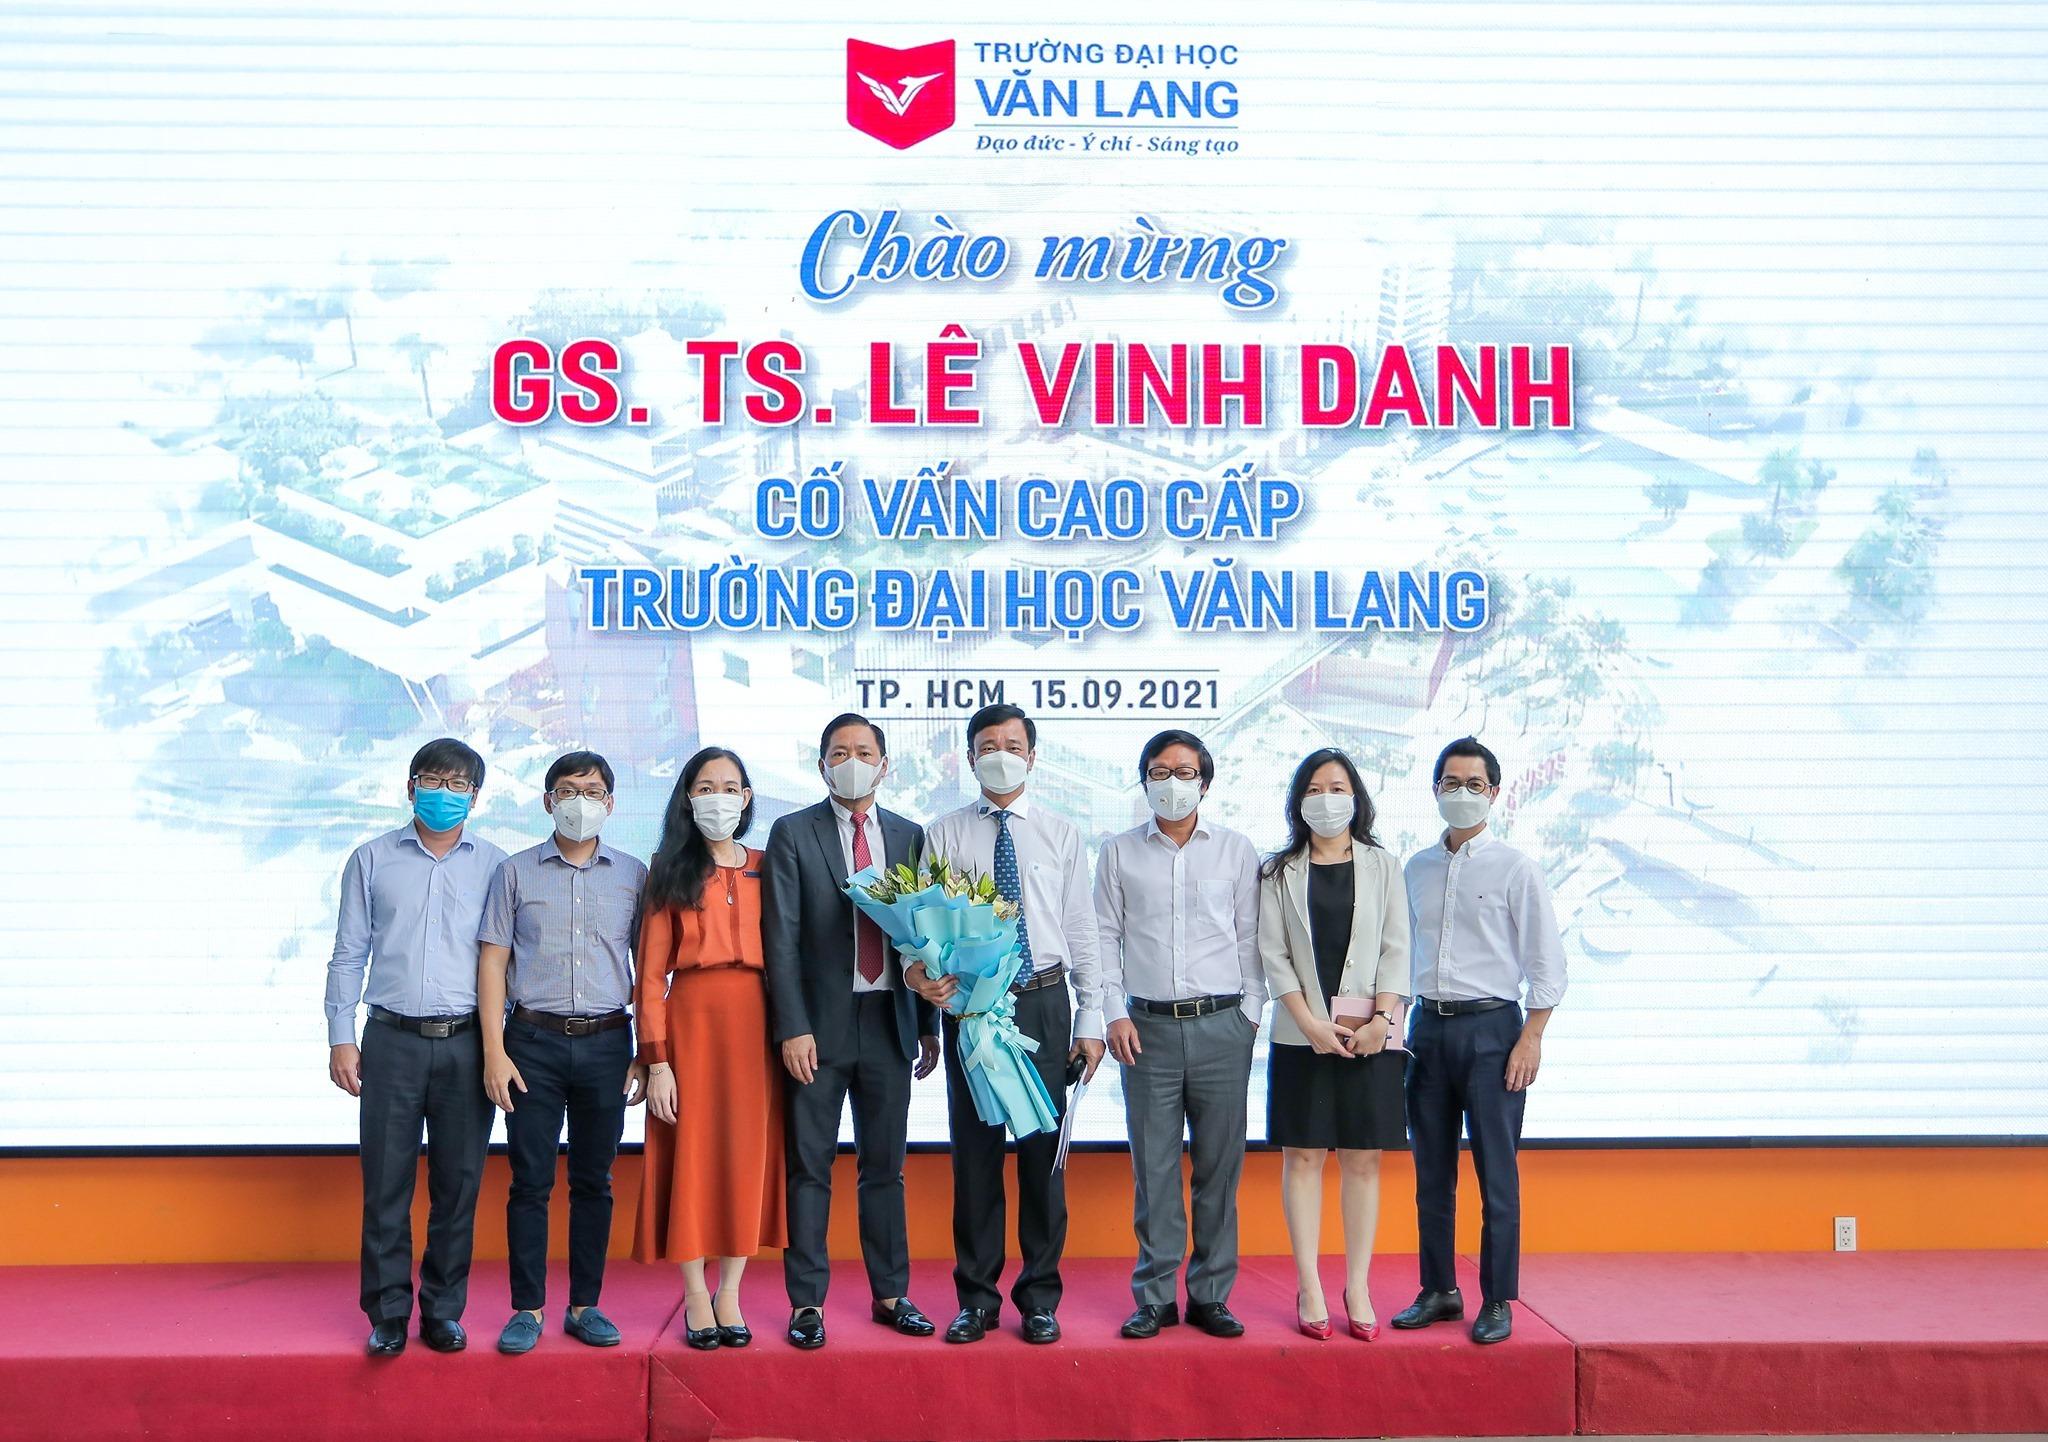 Ông Lê Vinh Danh làm cố vấn cao cấp ĐH Văn Lang